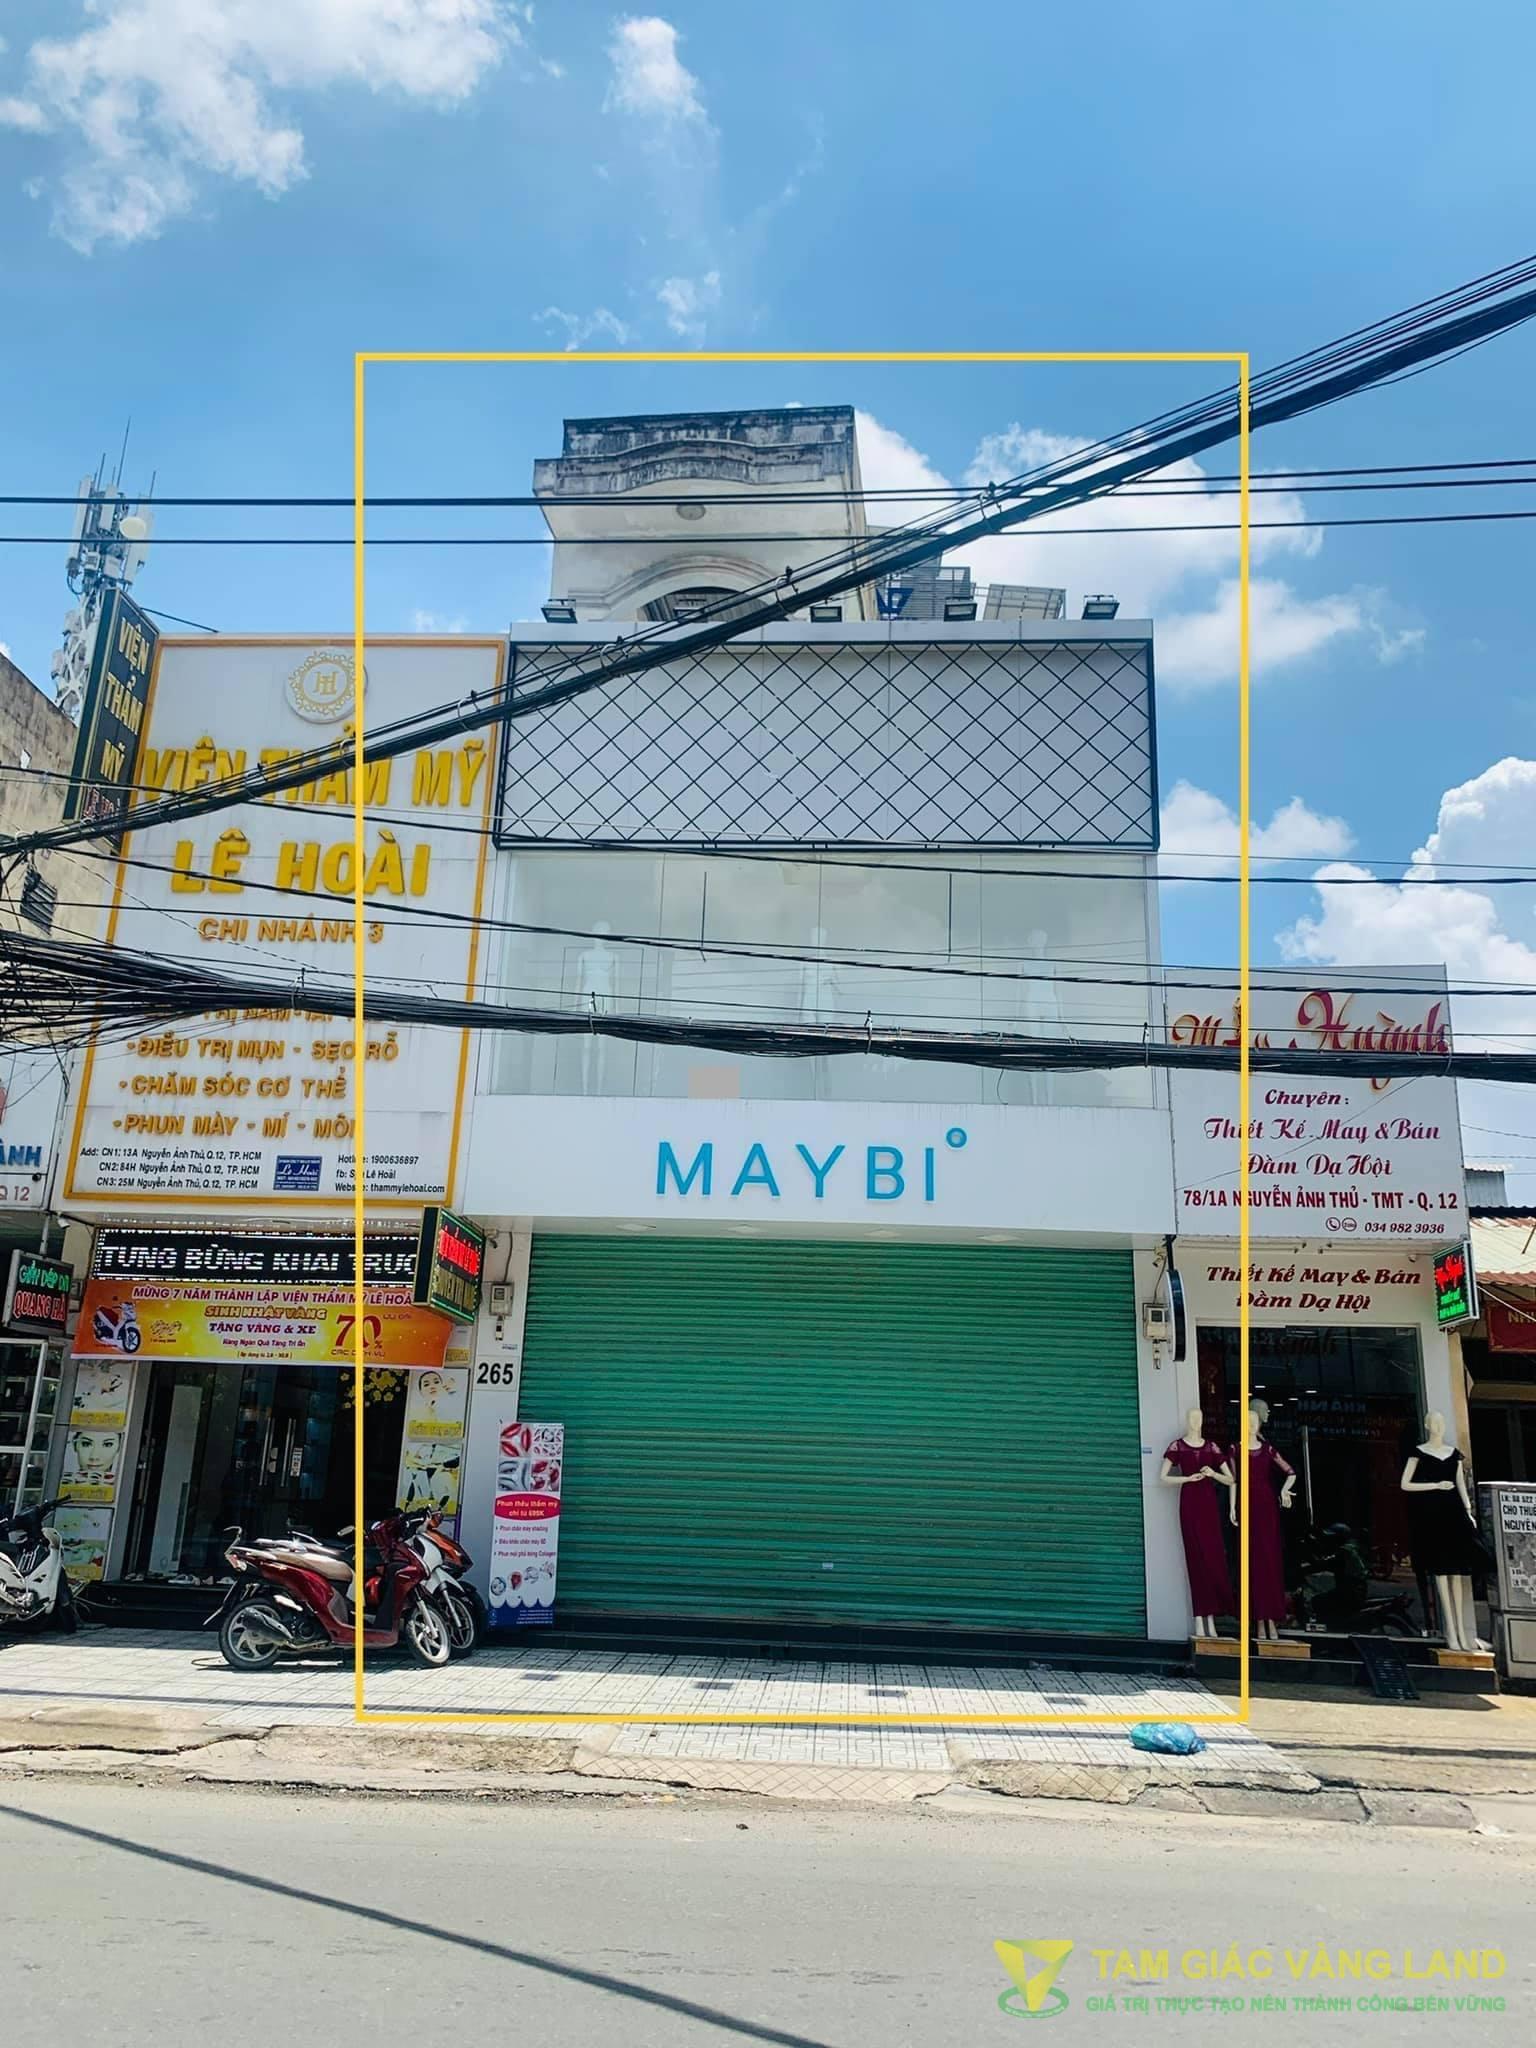 Cho thuê nhà mặt tiền đường Nguyễn Ảnh Thủ, Phường Trung Mỹ Tây, Quận 12, DT 6.5x20m, 1 trệt 2 lầu, Giá 65 triệu/tháng